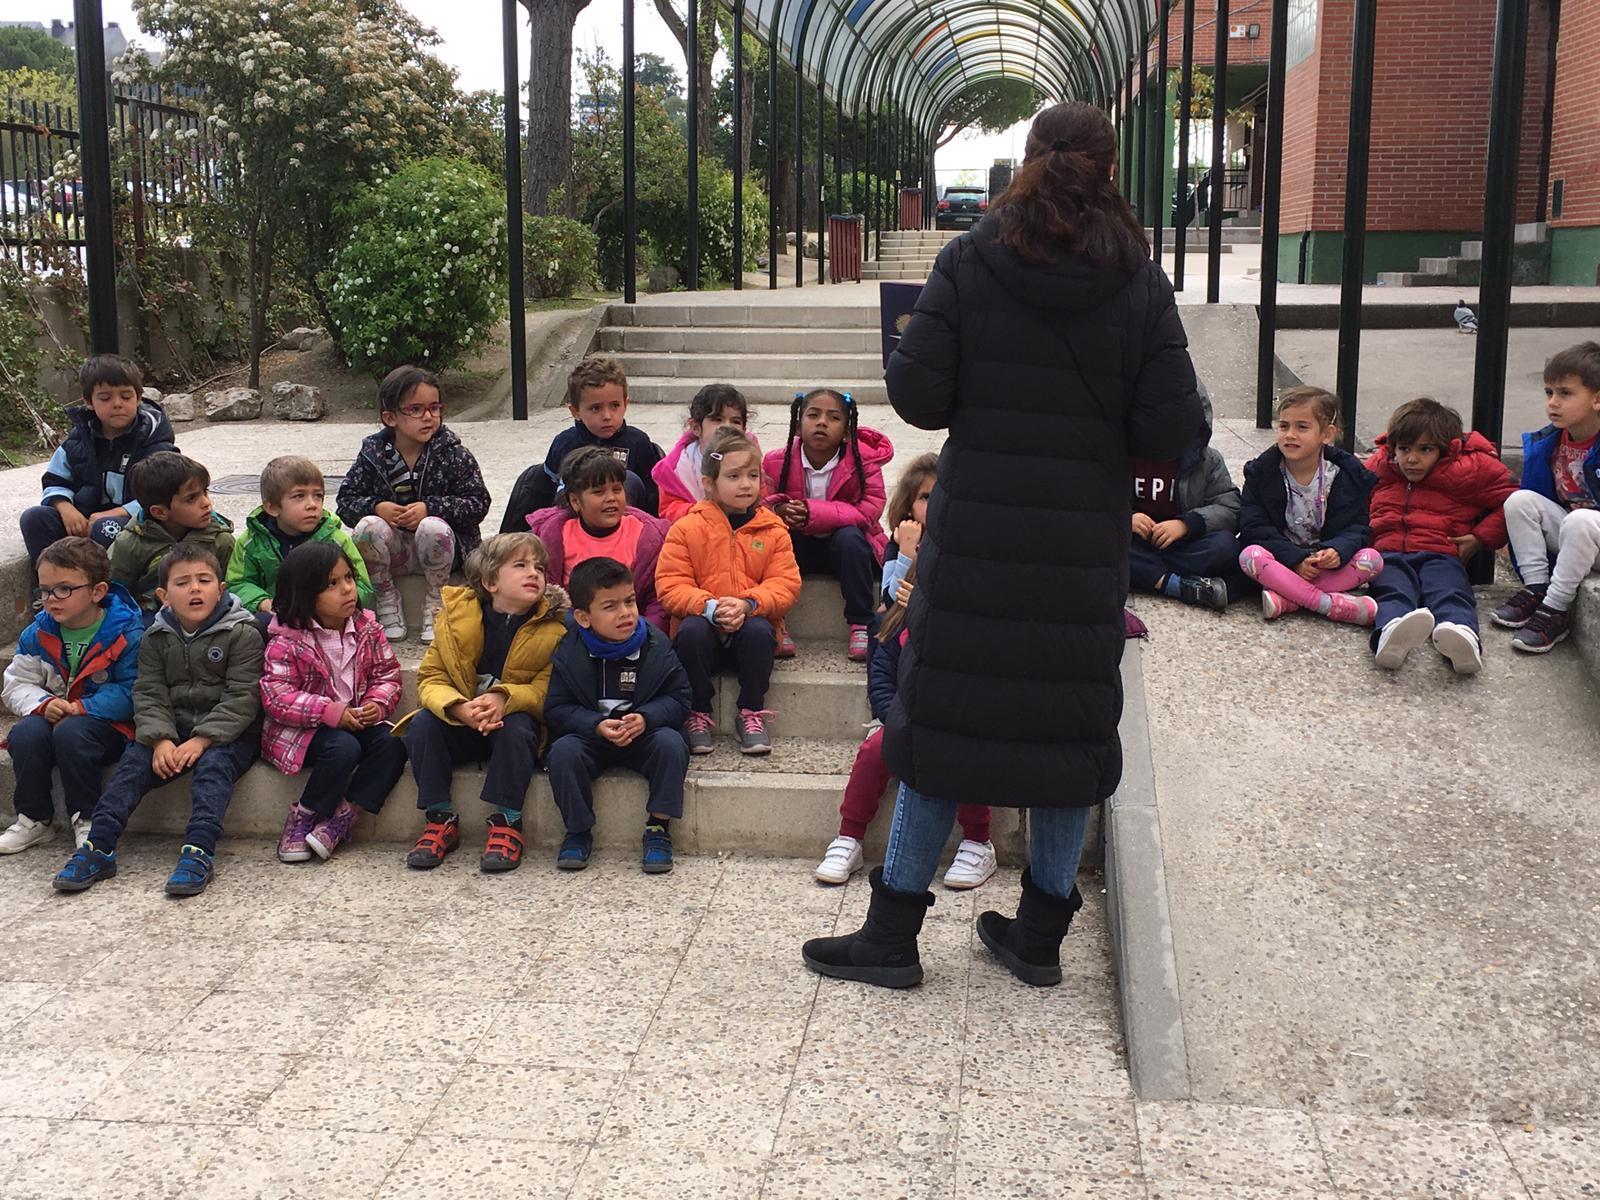 2019_04_03_Infantil 4B en la miniferia_CEIP FDLR_Las Rozas  2